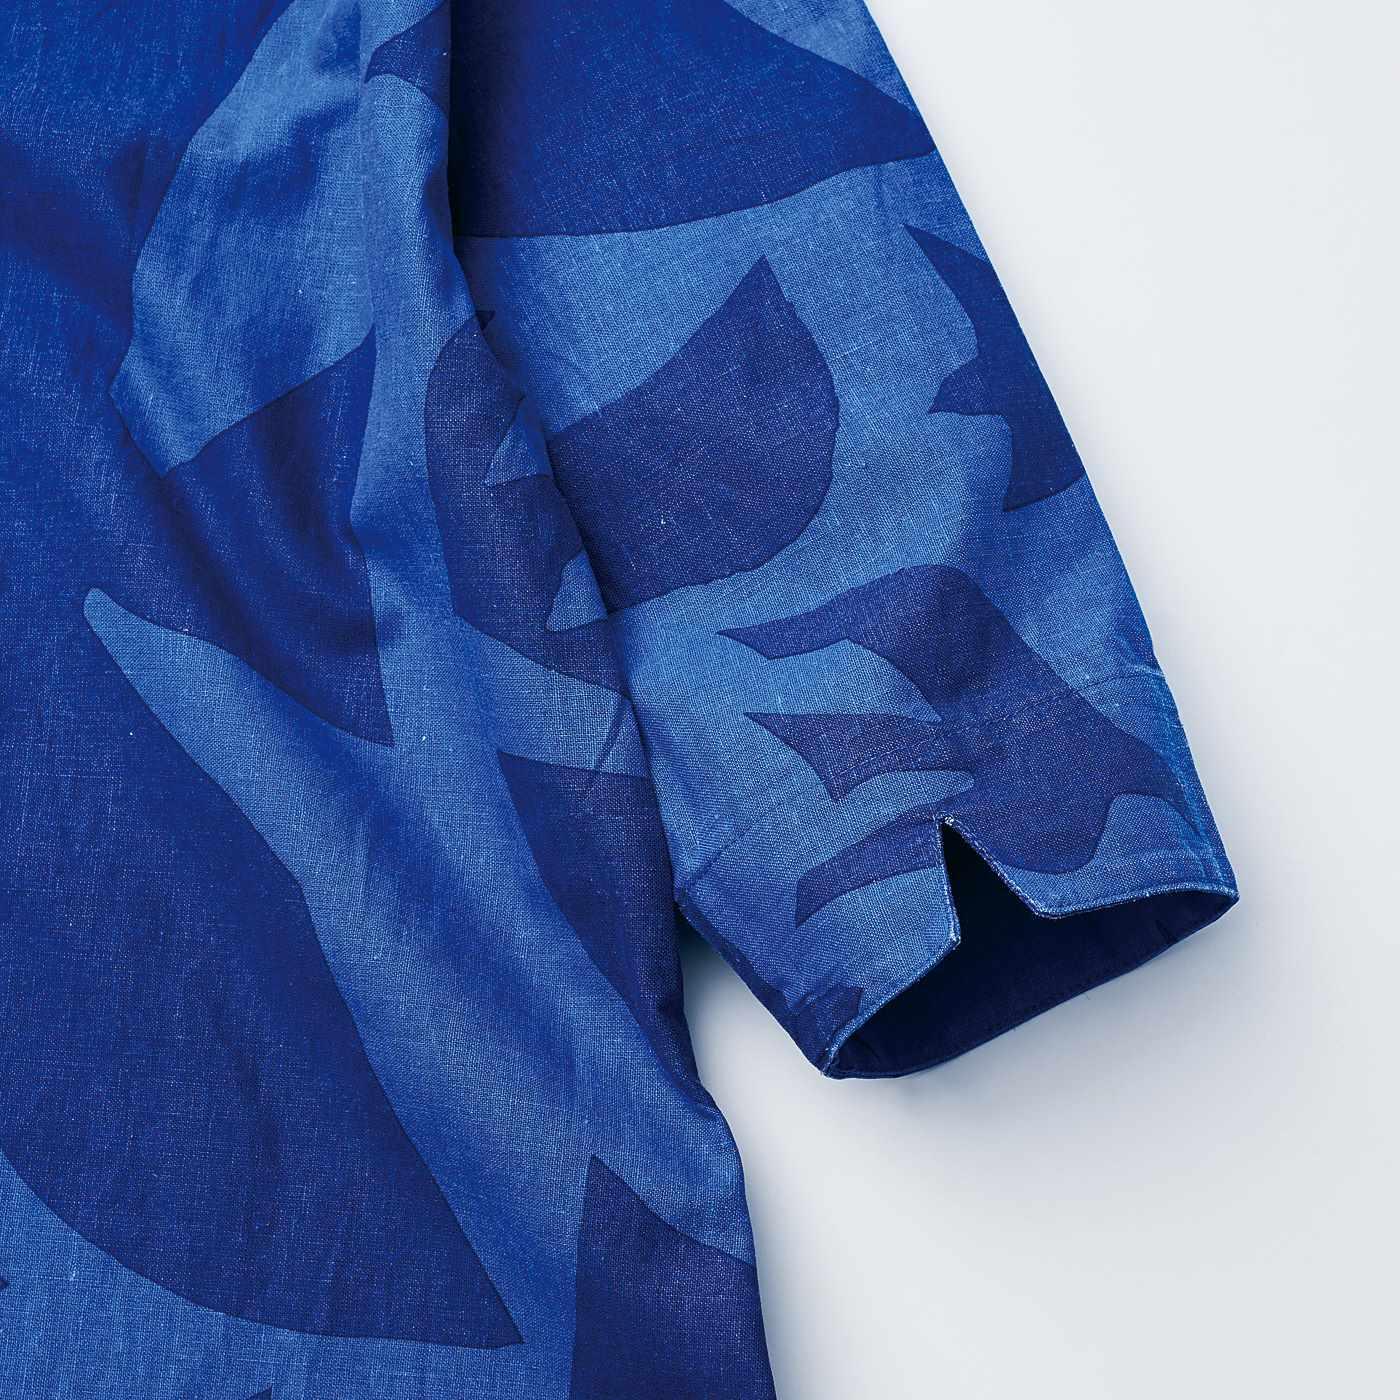 袖の切り込みは、アクセントにもなり折り返しやすい仕様。